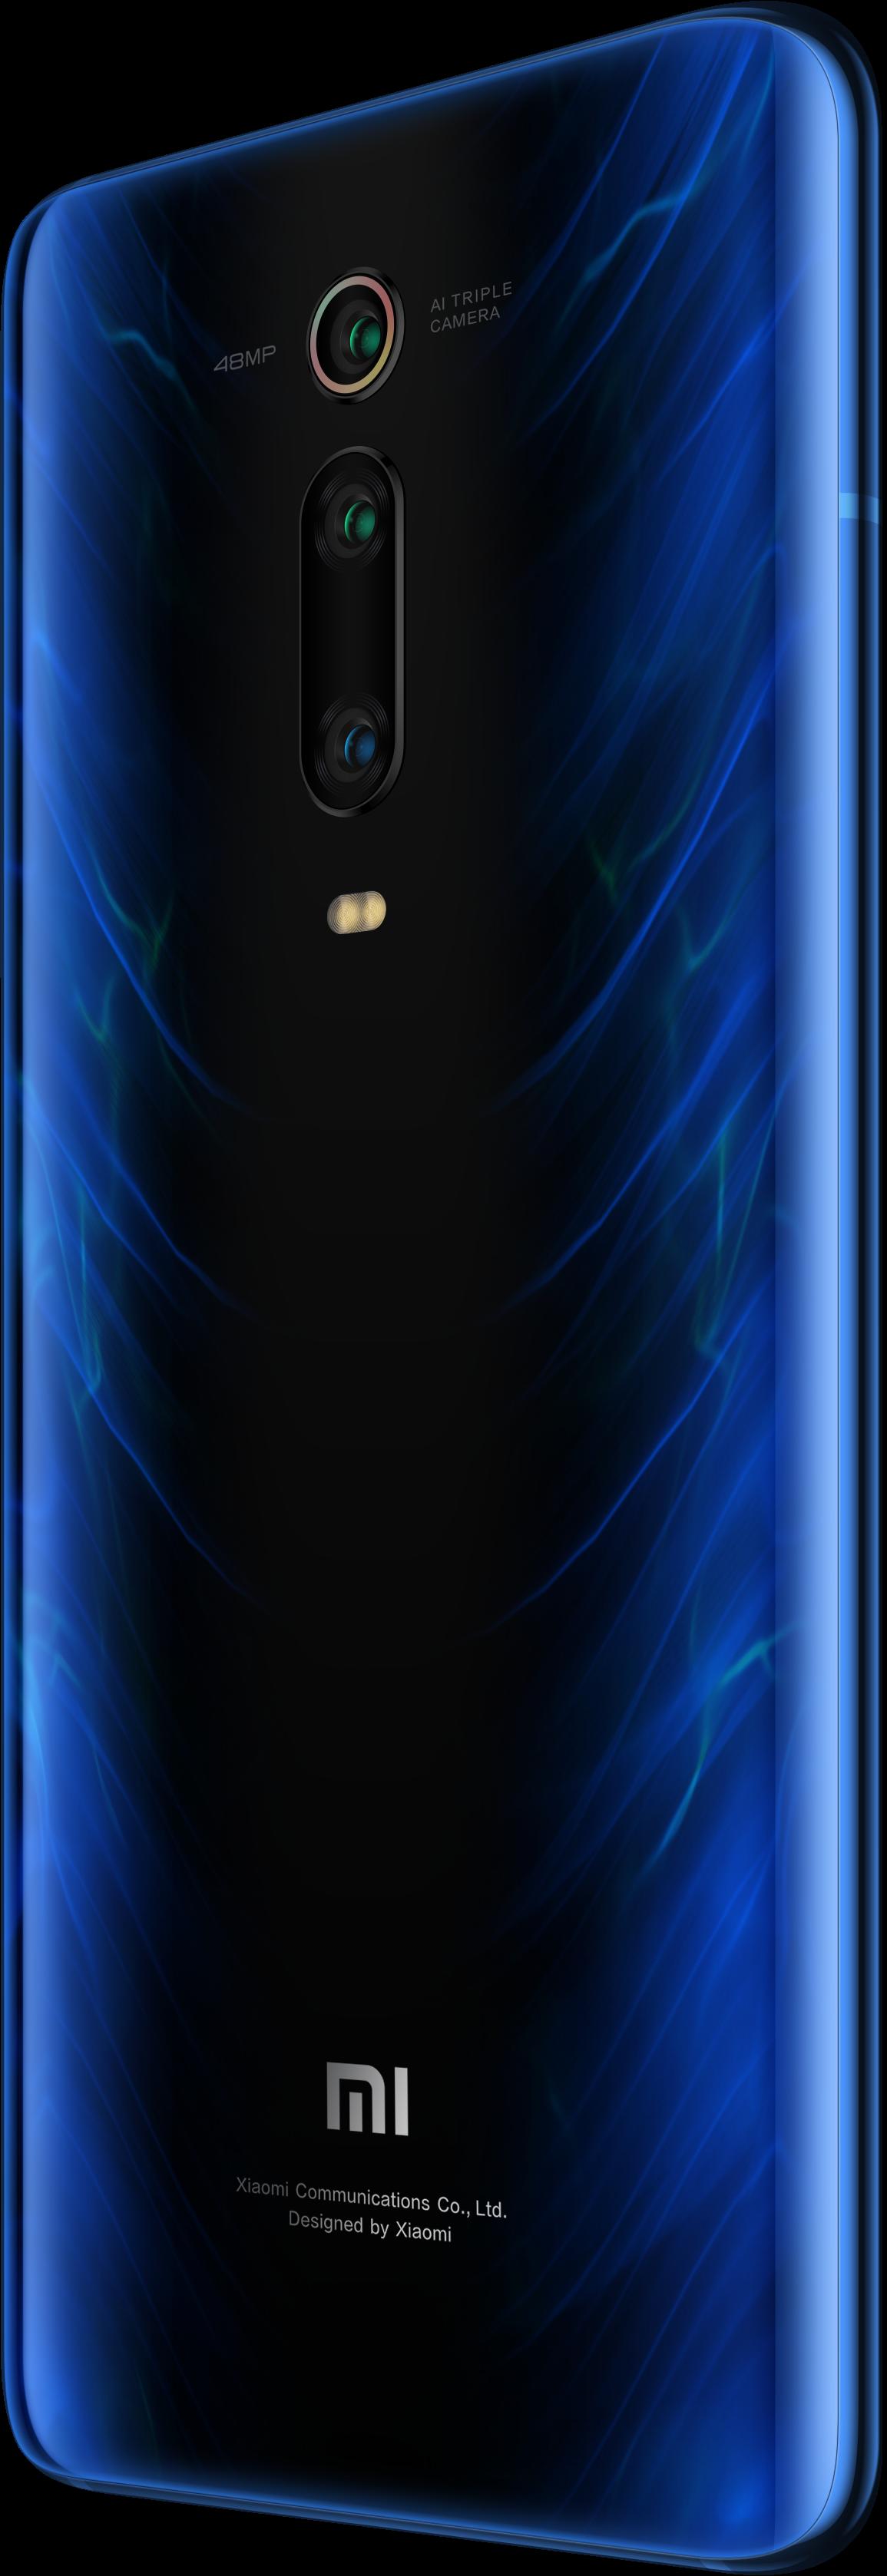 Mi 9T 04 REVIEW: Xiaomi Mi9T – A Weird Phone In A Good Way